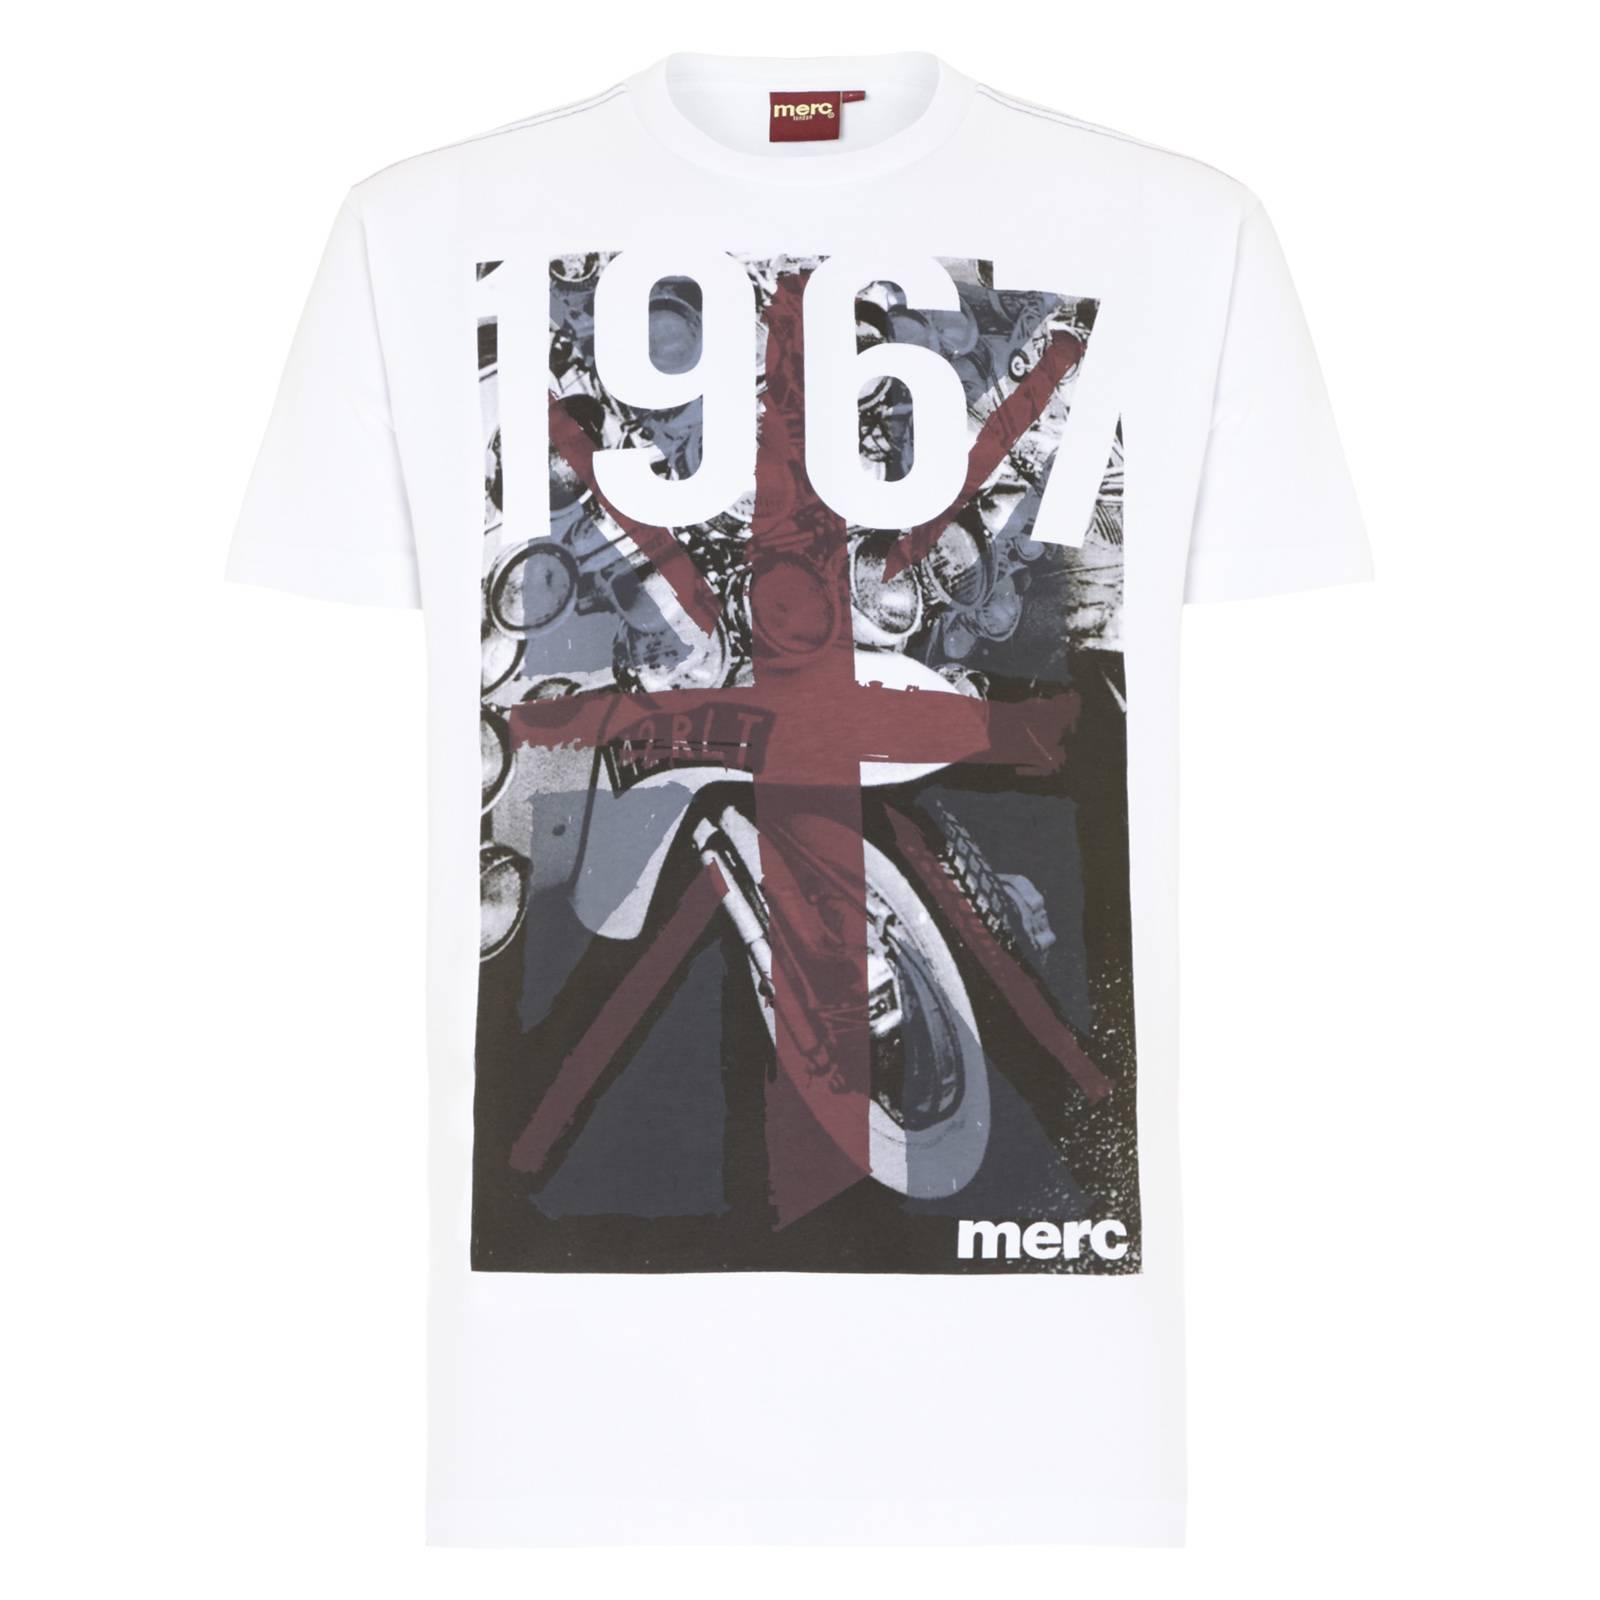 Футболка AlstonФутболки<br>Эффектная мужская футболка приталенного покроя с изображением британского Юнион Джека в стиле стрит-арт, нарисованного краской на черно-белом изображении скутеров эпохи Шестидесятых. Цифра 1967 символизируют год основания Merc.<br><br>Артикул: 1714202<br>Материал: 100% хлопок<br>Цвет: белый<br>Пол: Мужской